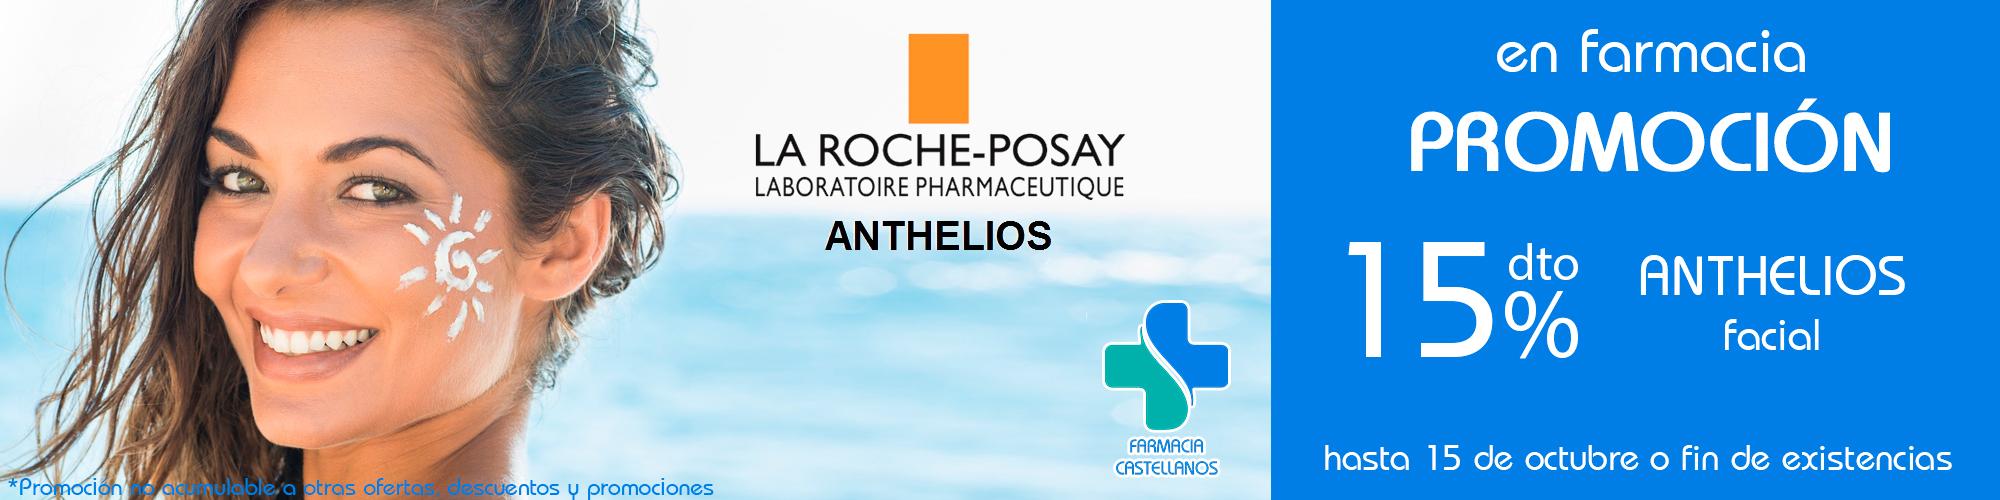 promocion-anthelios-oct-farmaciabeatrizcastellanos